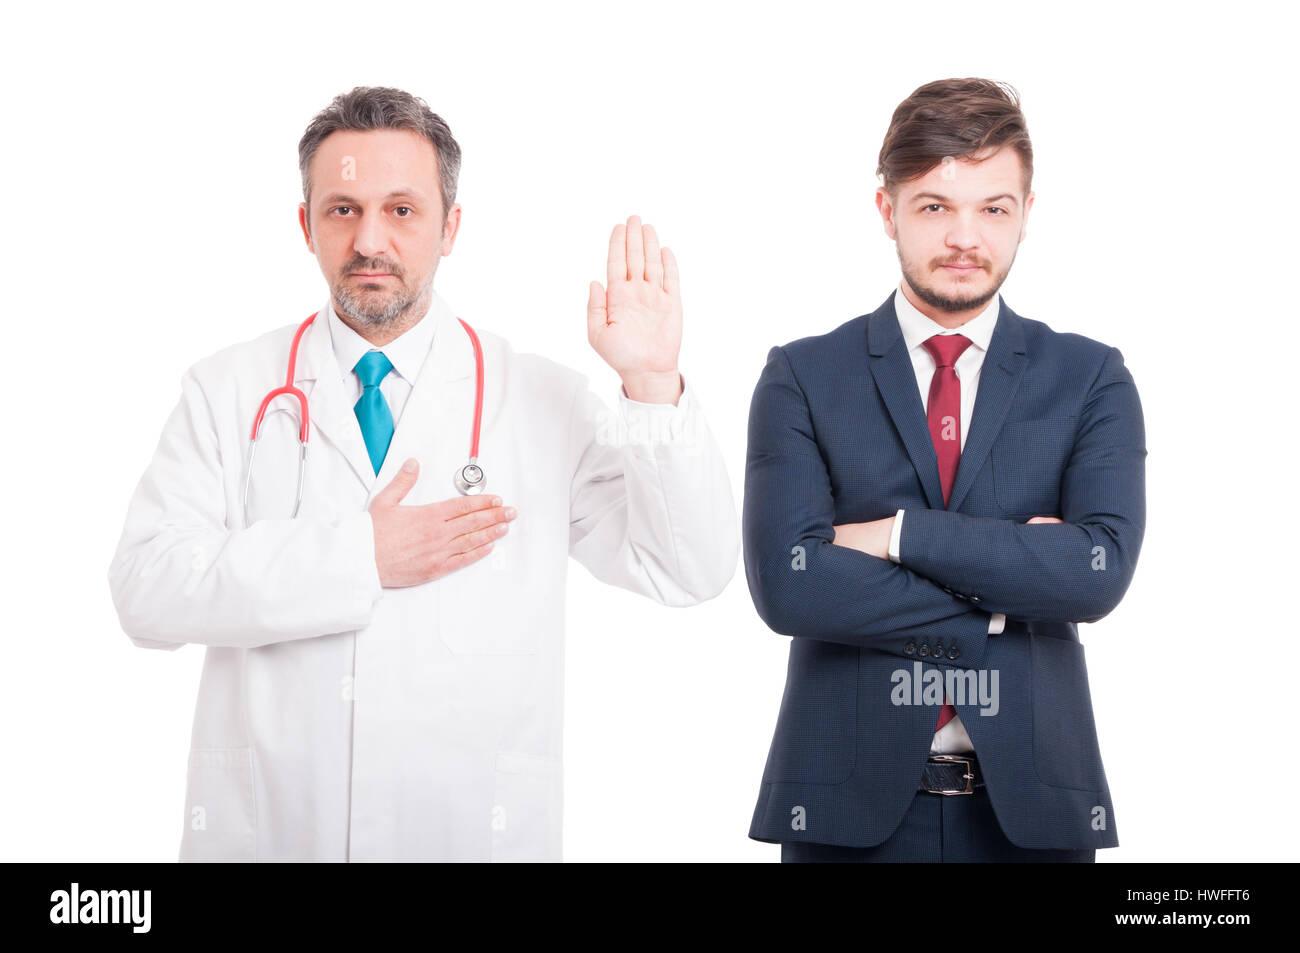 Honnête homme medic faire un voeu que la dévotion ou la loyauté concept près de businessman Photo Stock